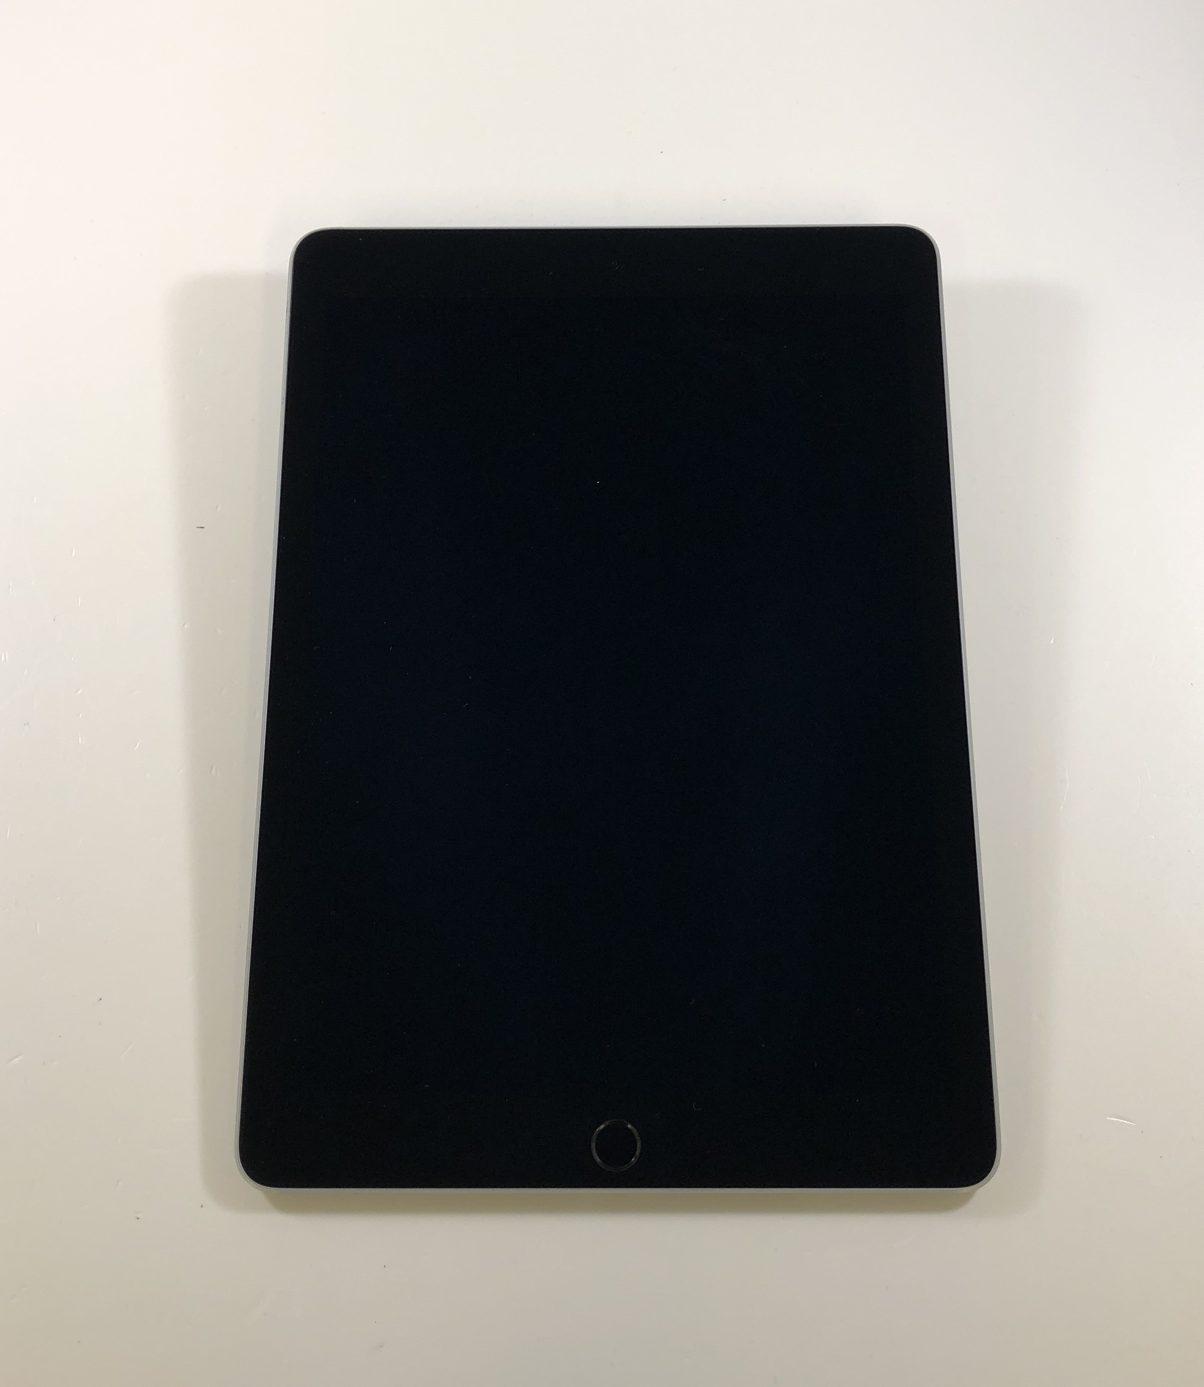 iPad Air 2 Wi-Fi 16GB, 16GB, Space Gray, obraz 1